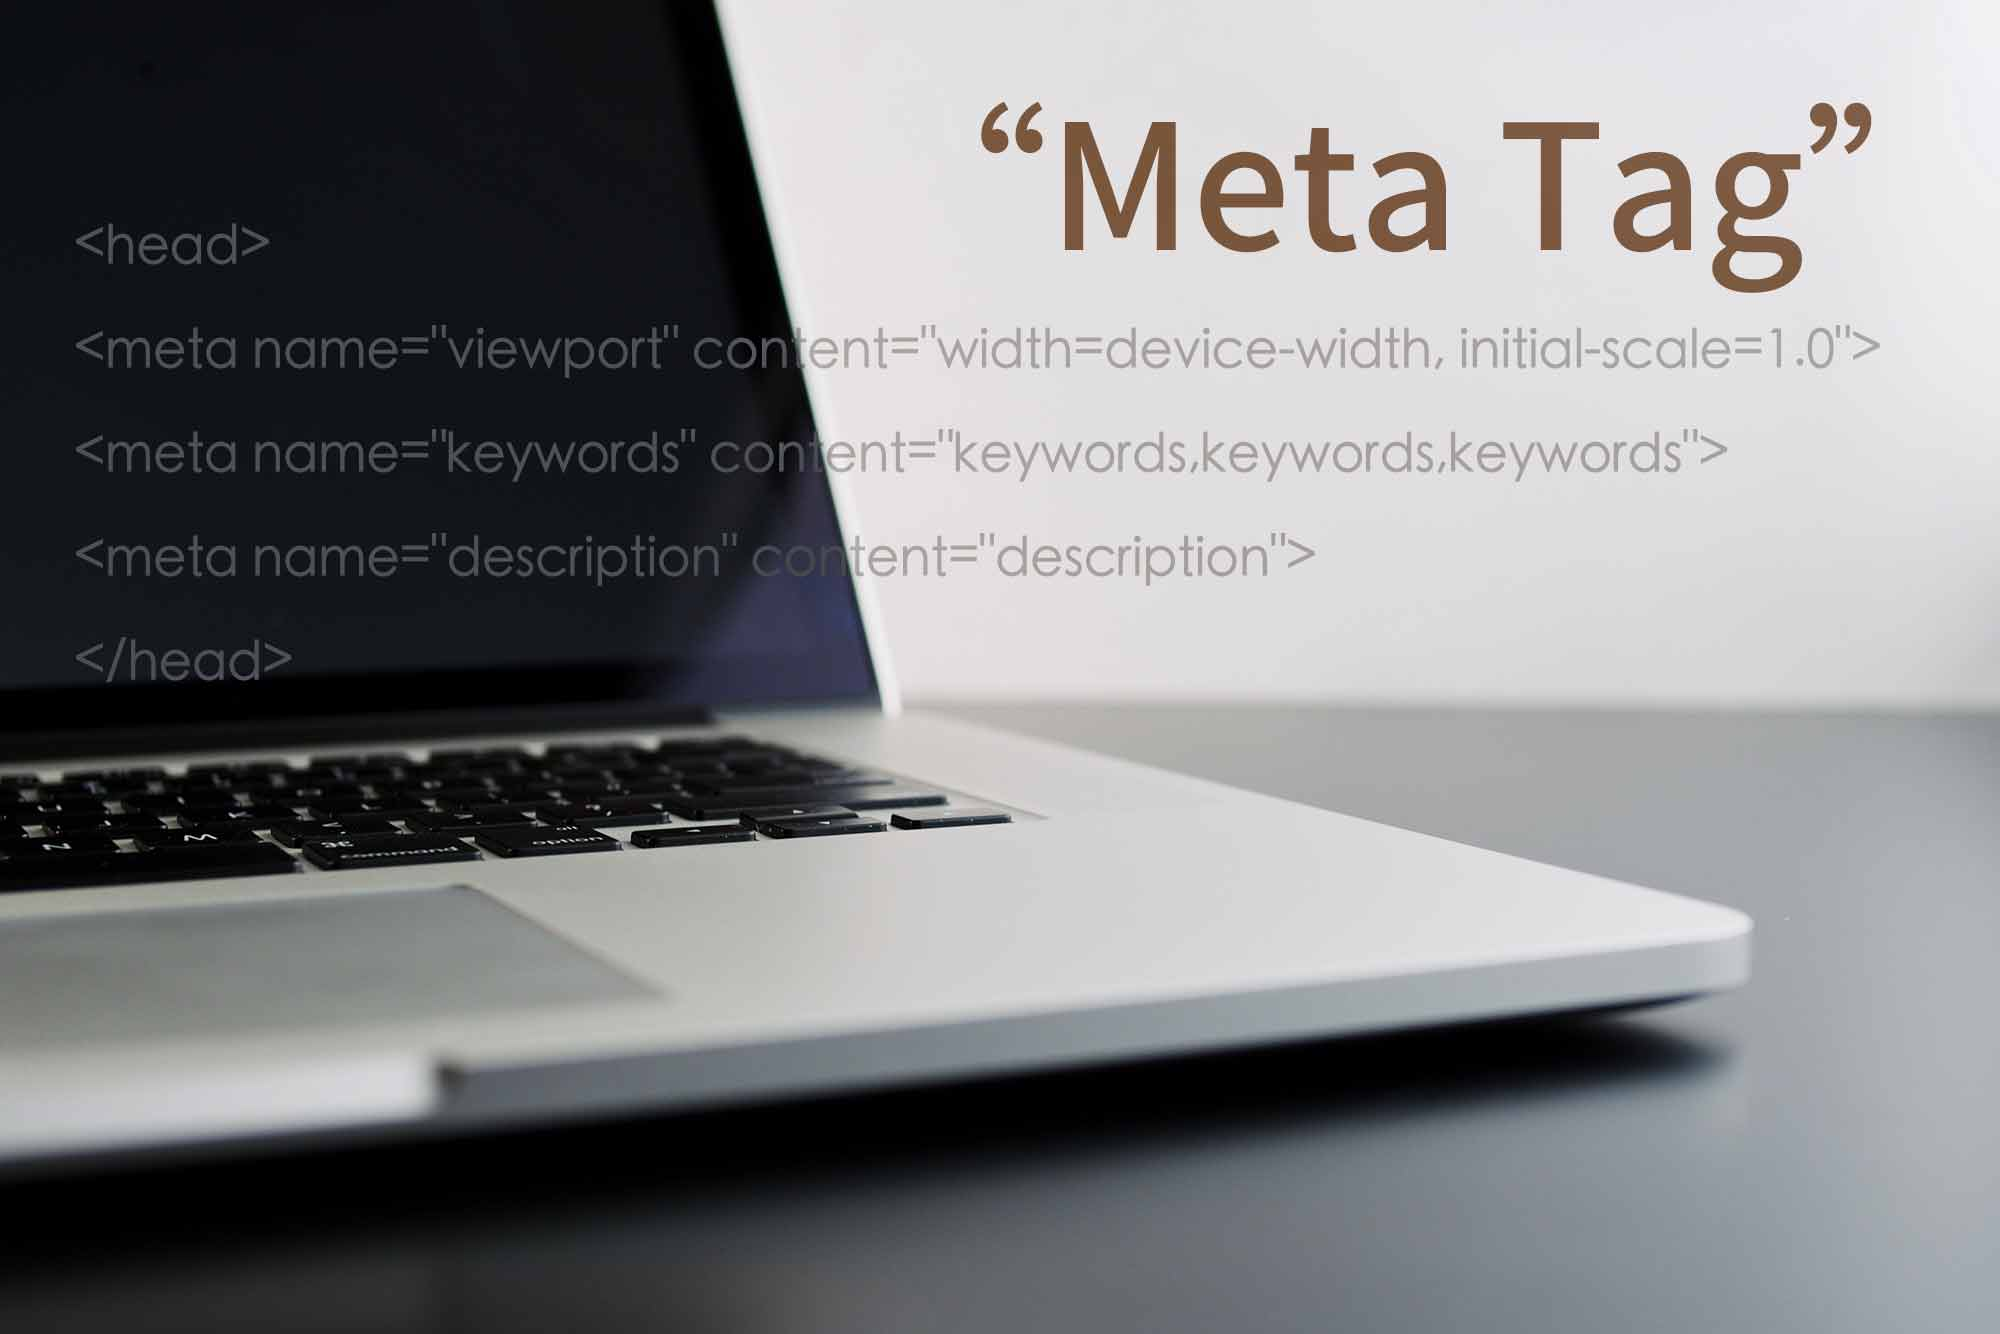 網頁設計,關鍵字,關鍵字優化,seo,關鍵字排序,METATAG,RWD設計,SEO,中繼標記,品牌策略,整合行銷,設計推薦,響應式網站設計